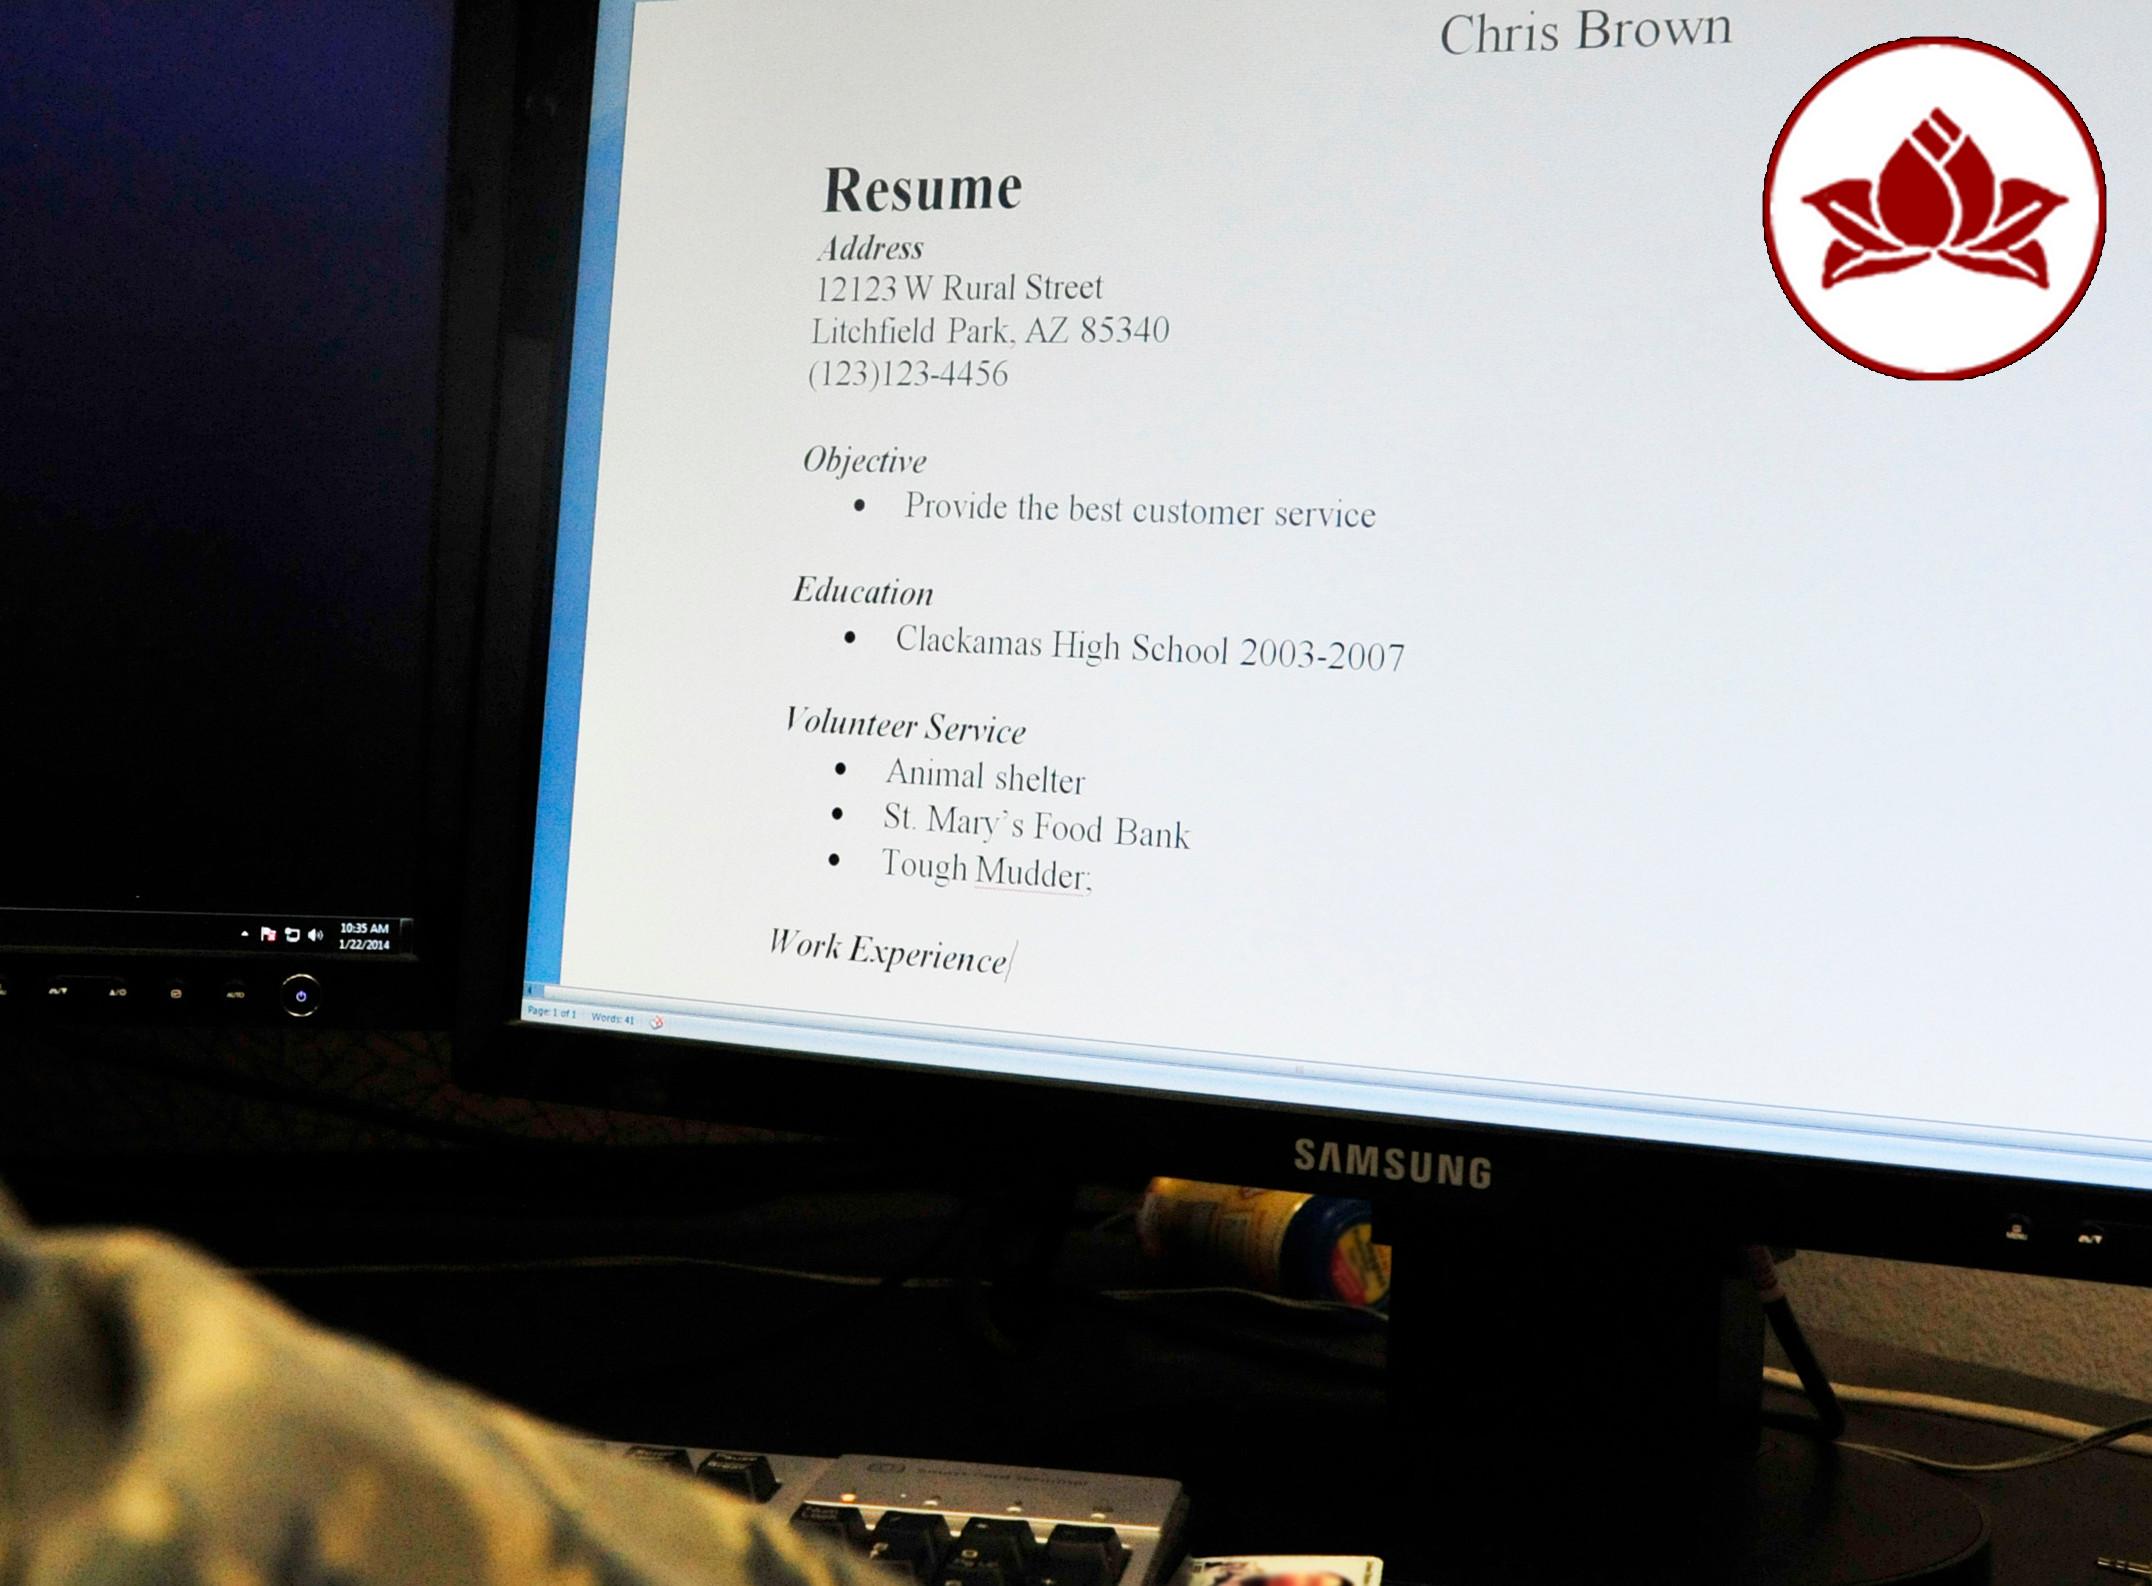 MowXml communauté de webmasters, webdesigners, création de sites web, creation de sites internet, création sites web, Google Adwords, Visite Virtuelles MSV, Création sites web, création de site web, creation de site web, création site web, Création site